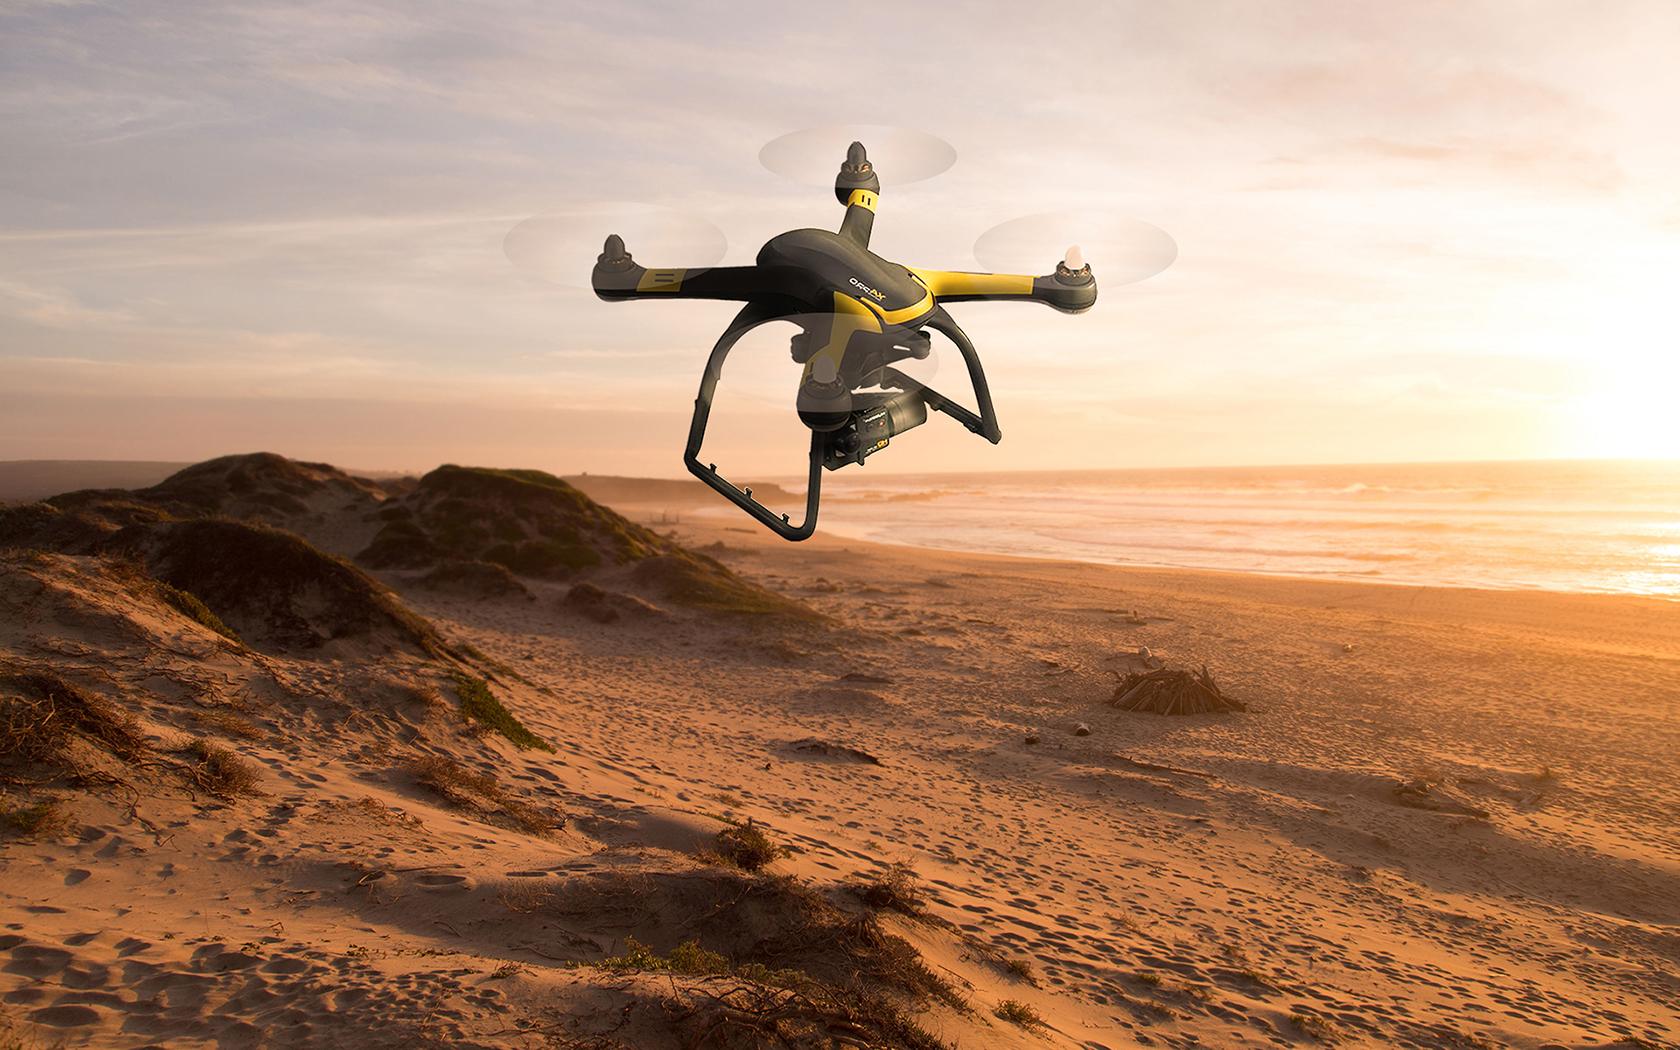 hubsan-x4-beach-sand-1680x1050